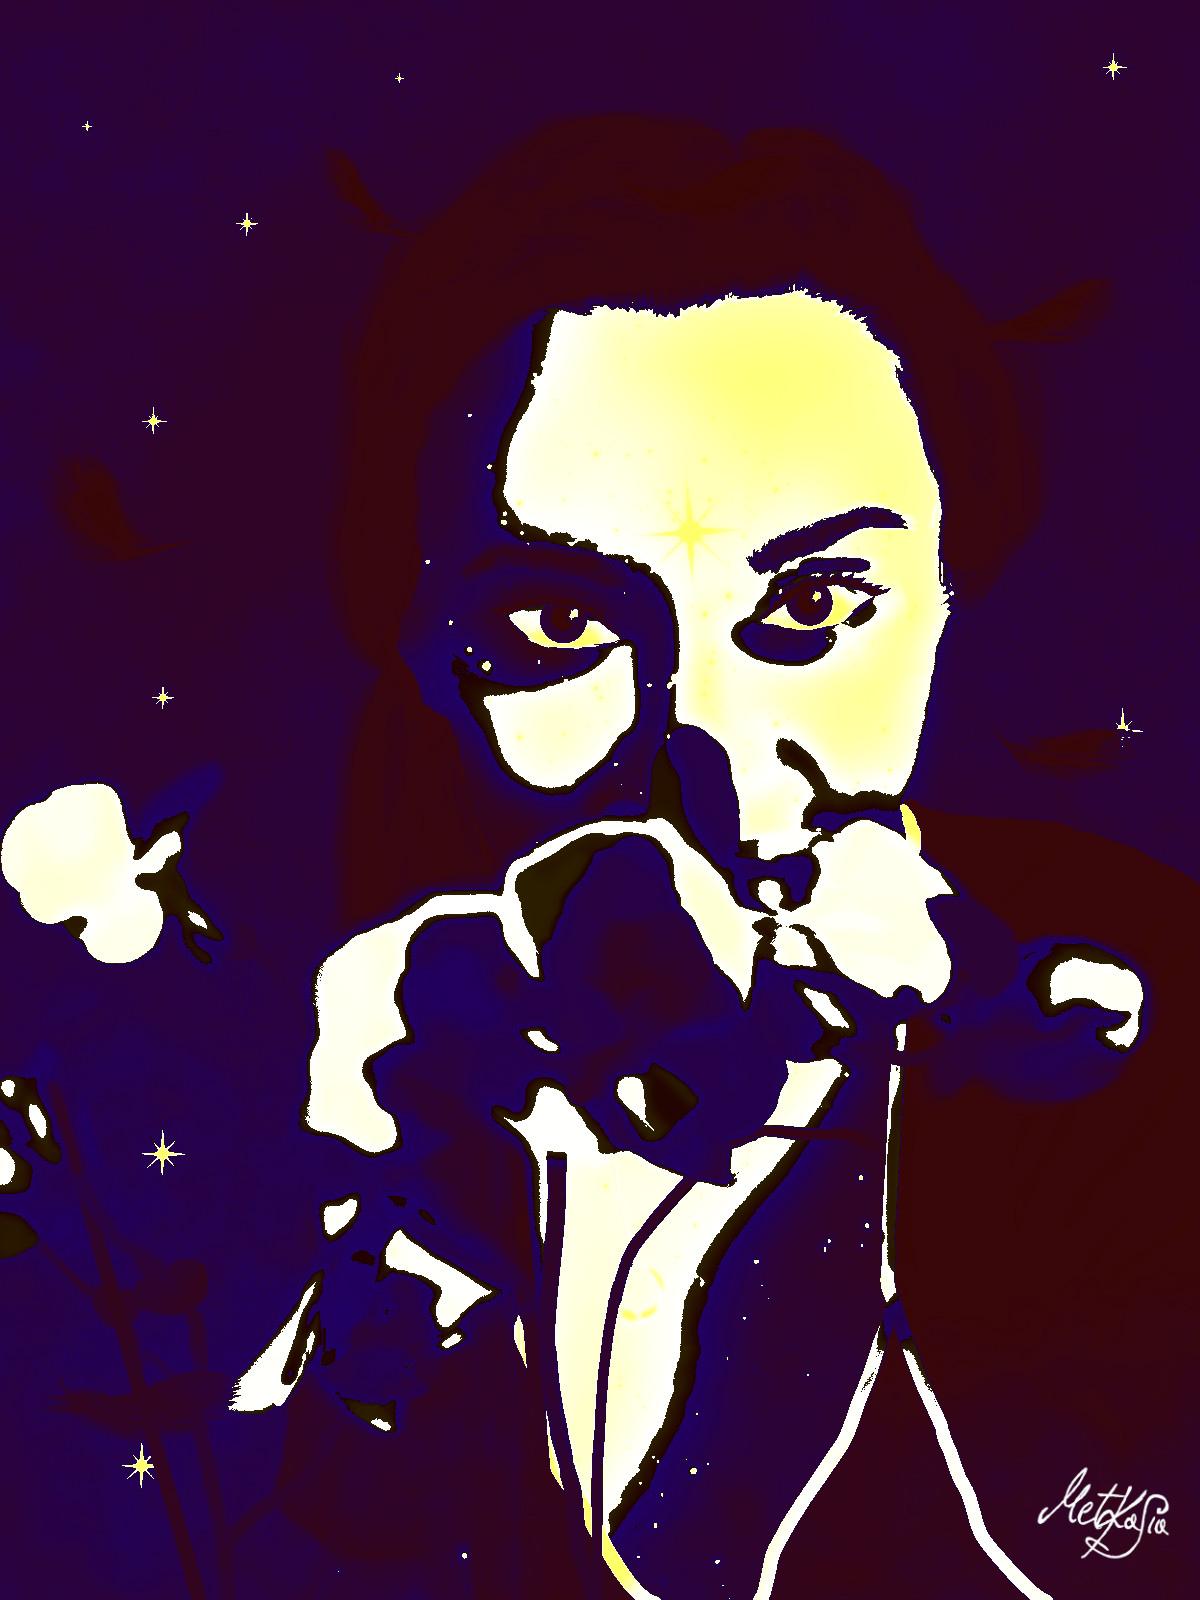 Kasia michalak star soul 2